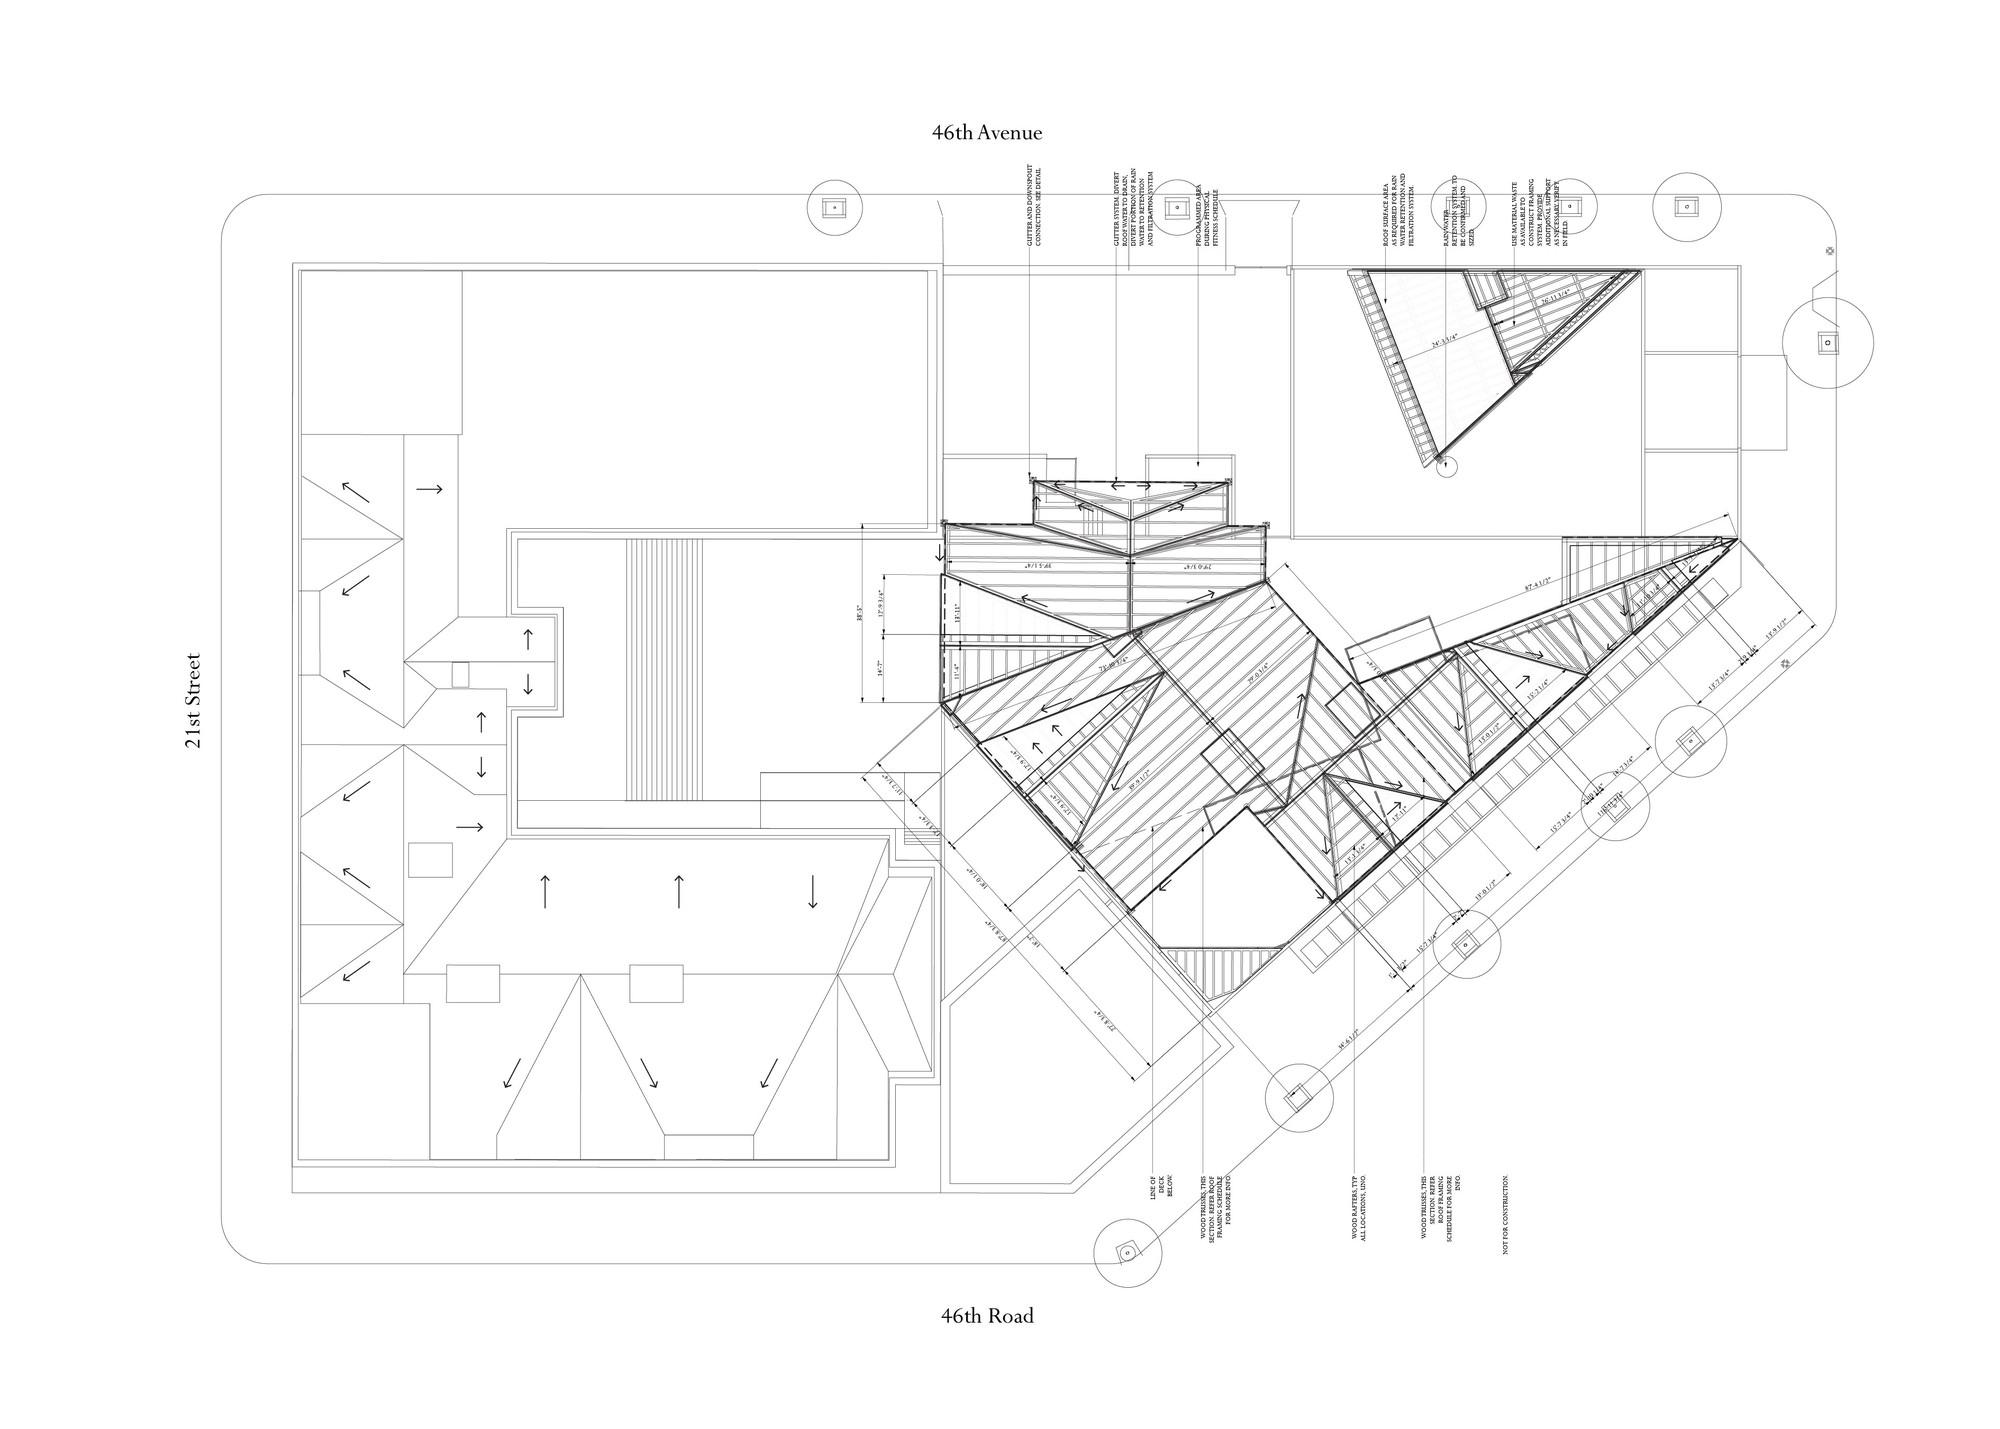 MoMA QNS - Michael Maltzan Architecture